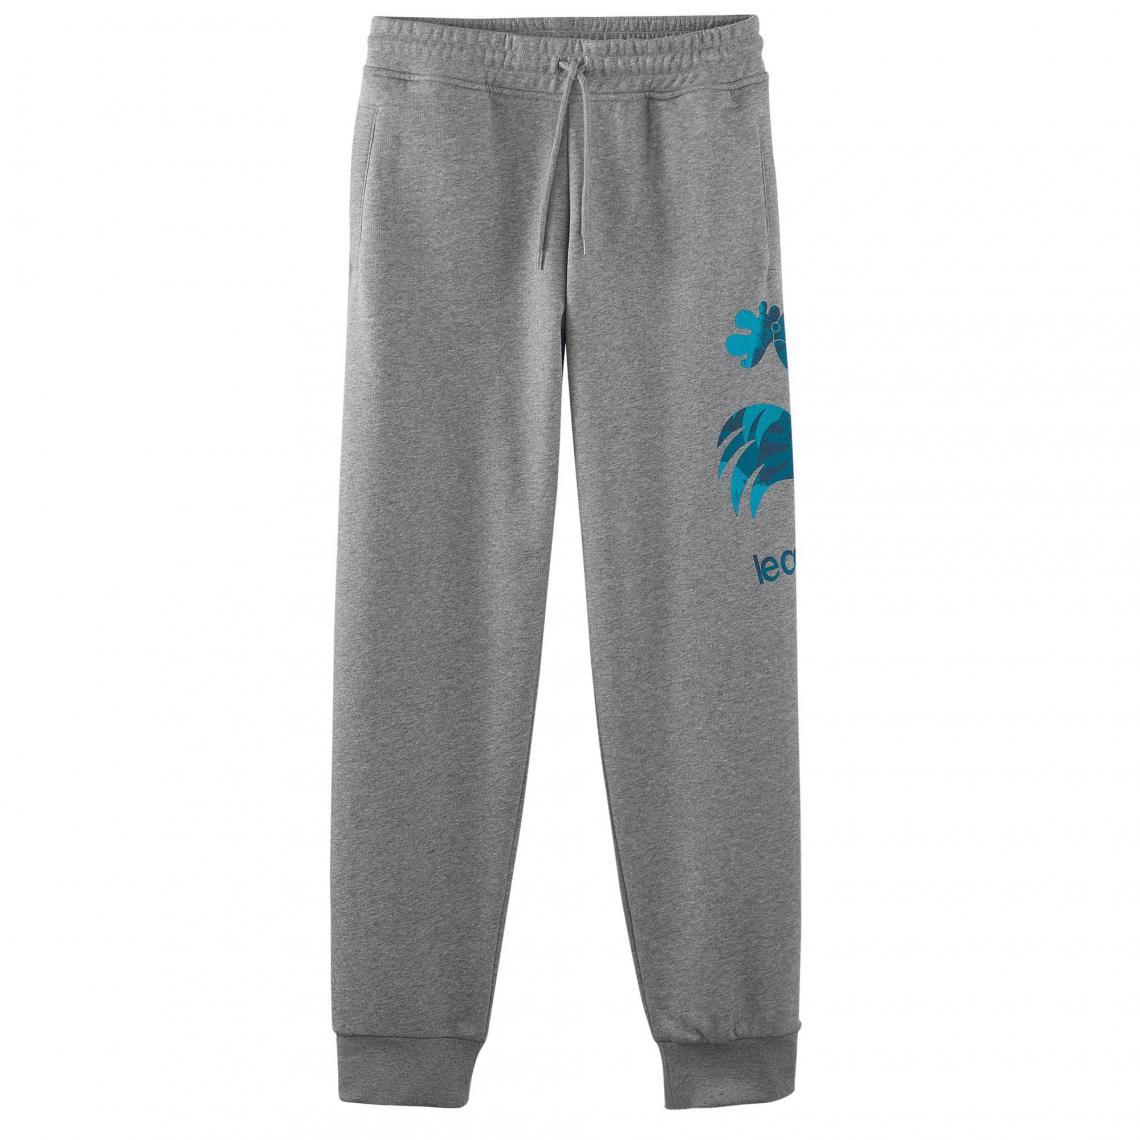 Pantalon de jogging molleton uni homme Le Coq Sportif - gris chiné Le coq sportif  Homme 76140f51f110